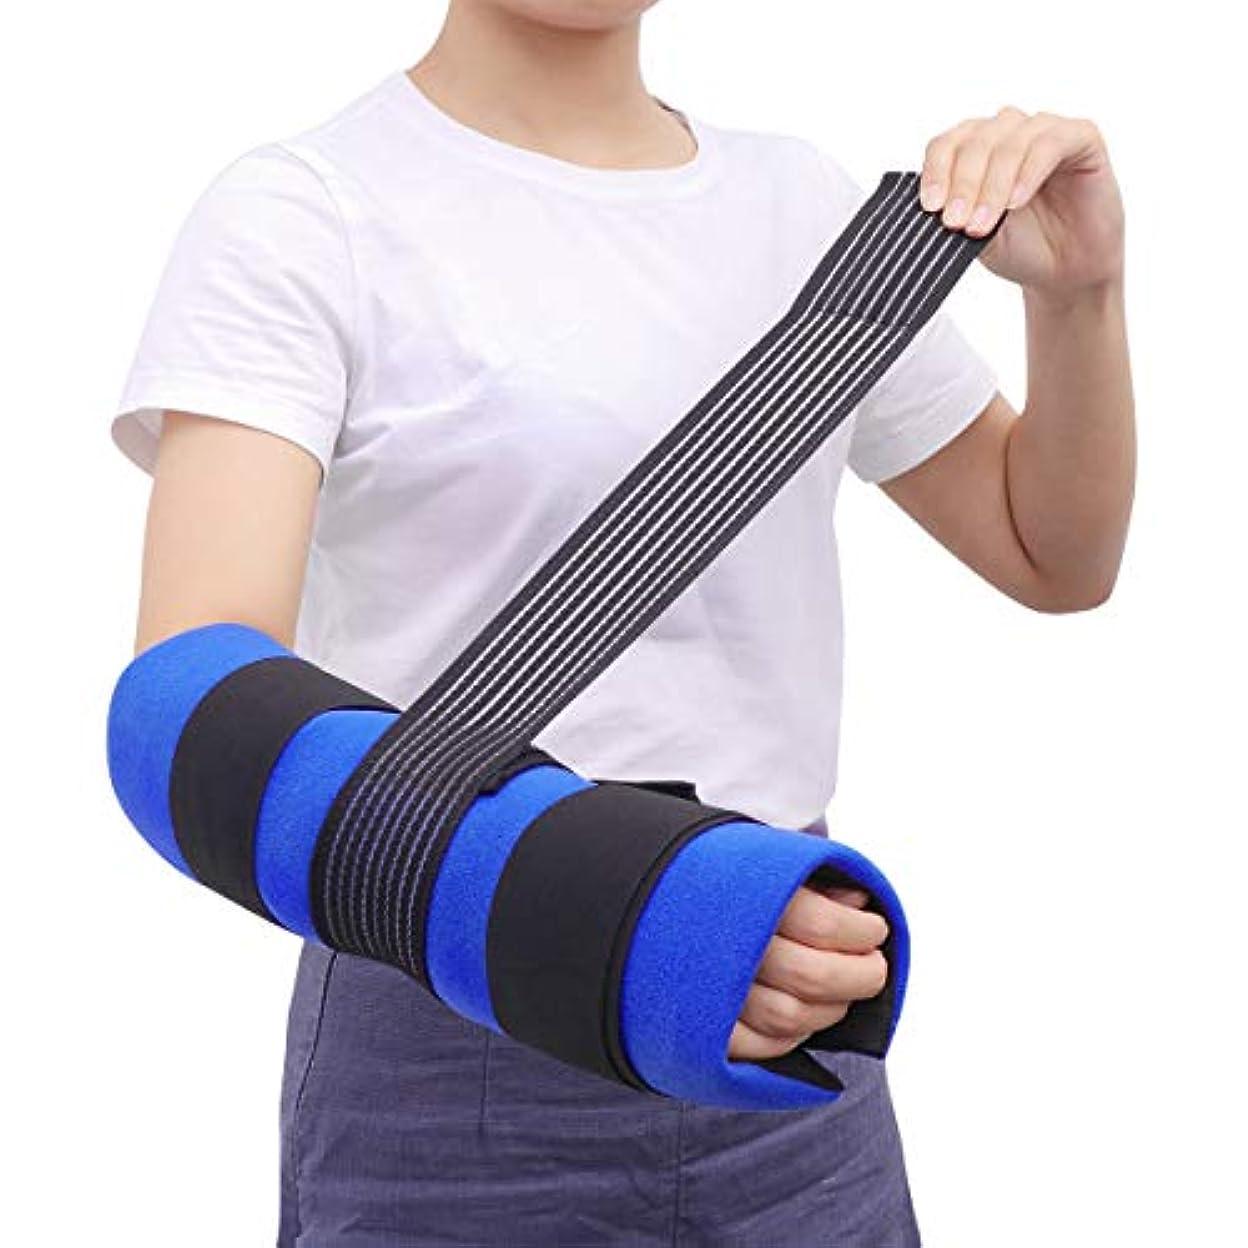 破壊不確実盗難Healifty Healifty Gel Ice Pack - 柔軟なホット&コールドアイスラップ、弾性ストラップ付き、肩、膝、背中、ふくらはぎ、手首、足首、足